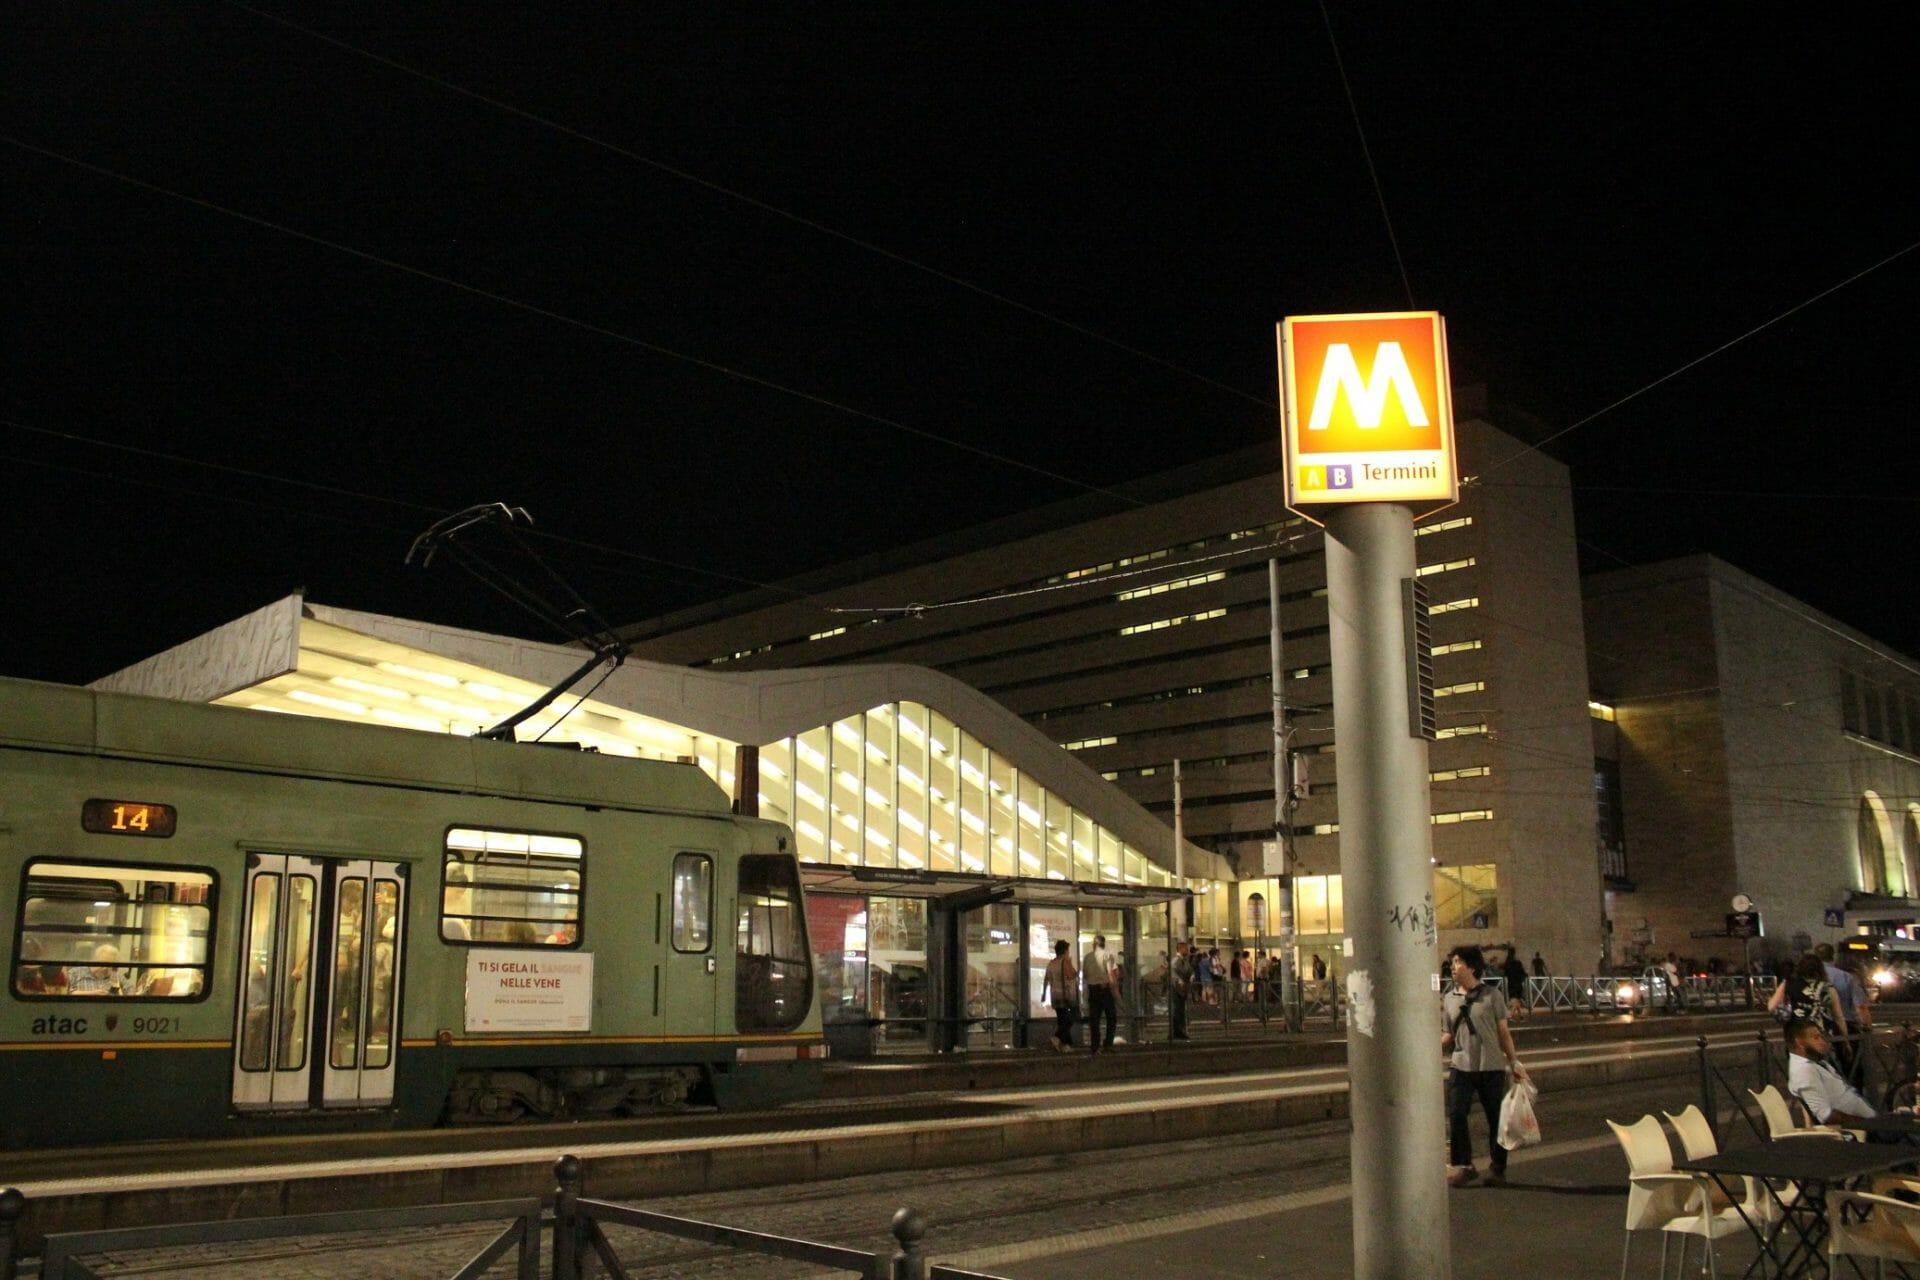 rome's public transport Metro